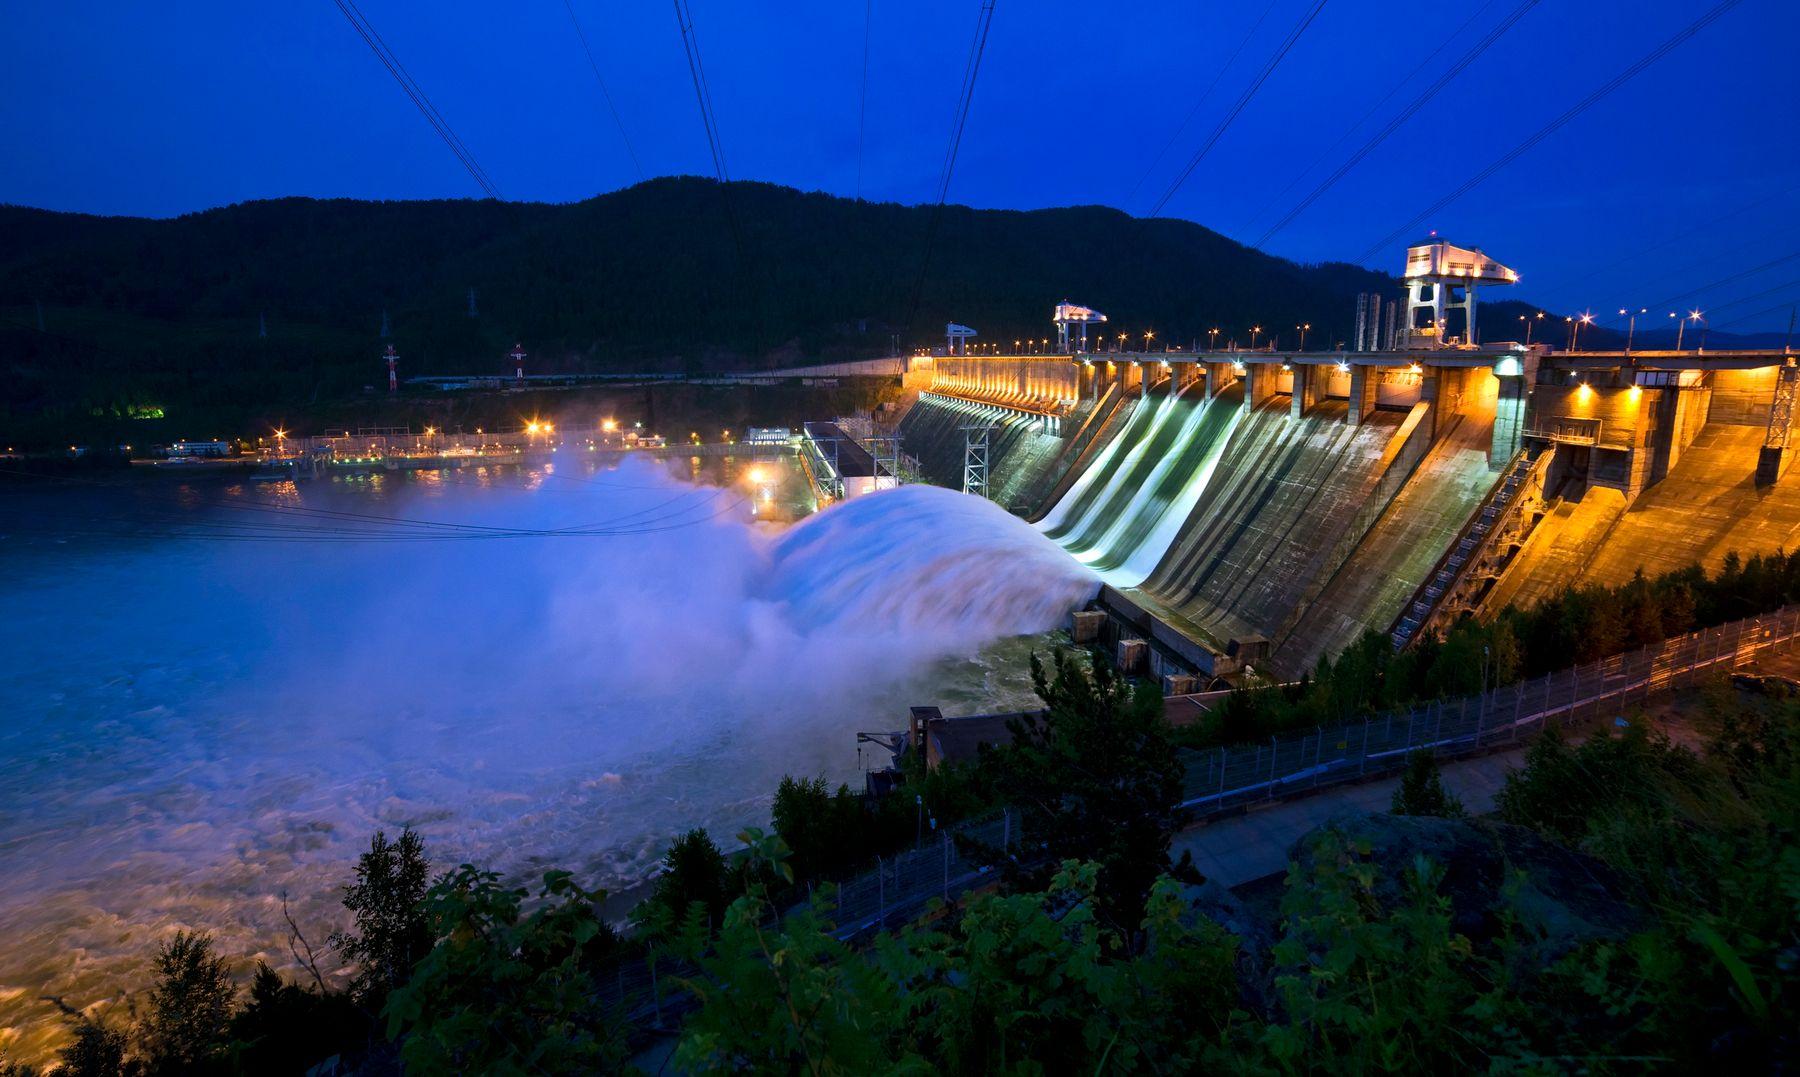 Красноярская ГЭС. Вечер, водосброс. Красноярская ГЭС Енисей лето июнь вечер водосброс подсветка